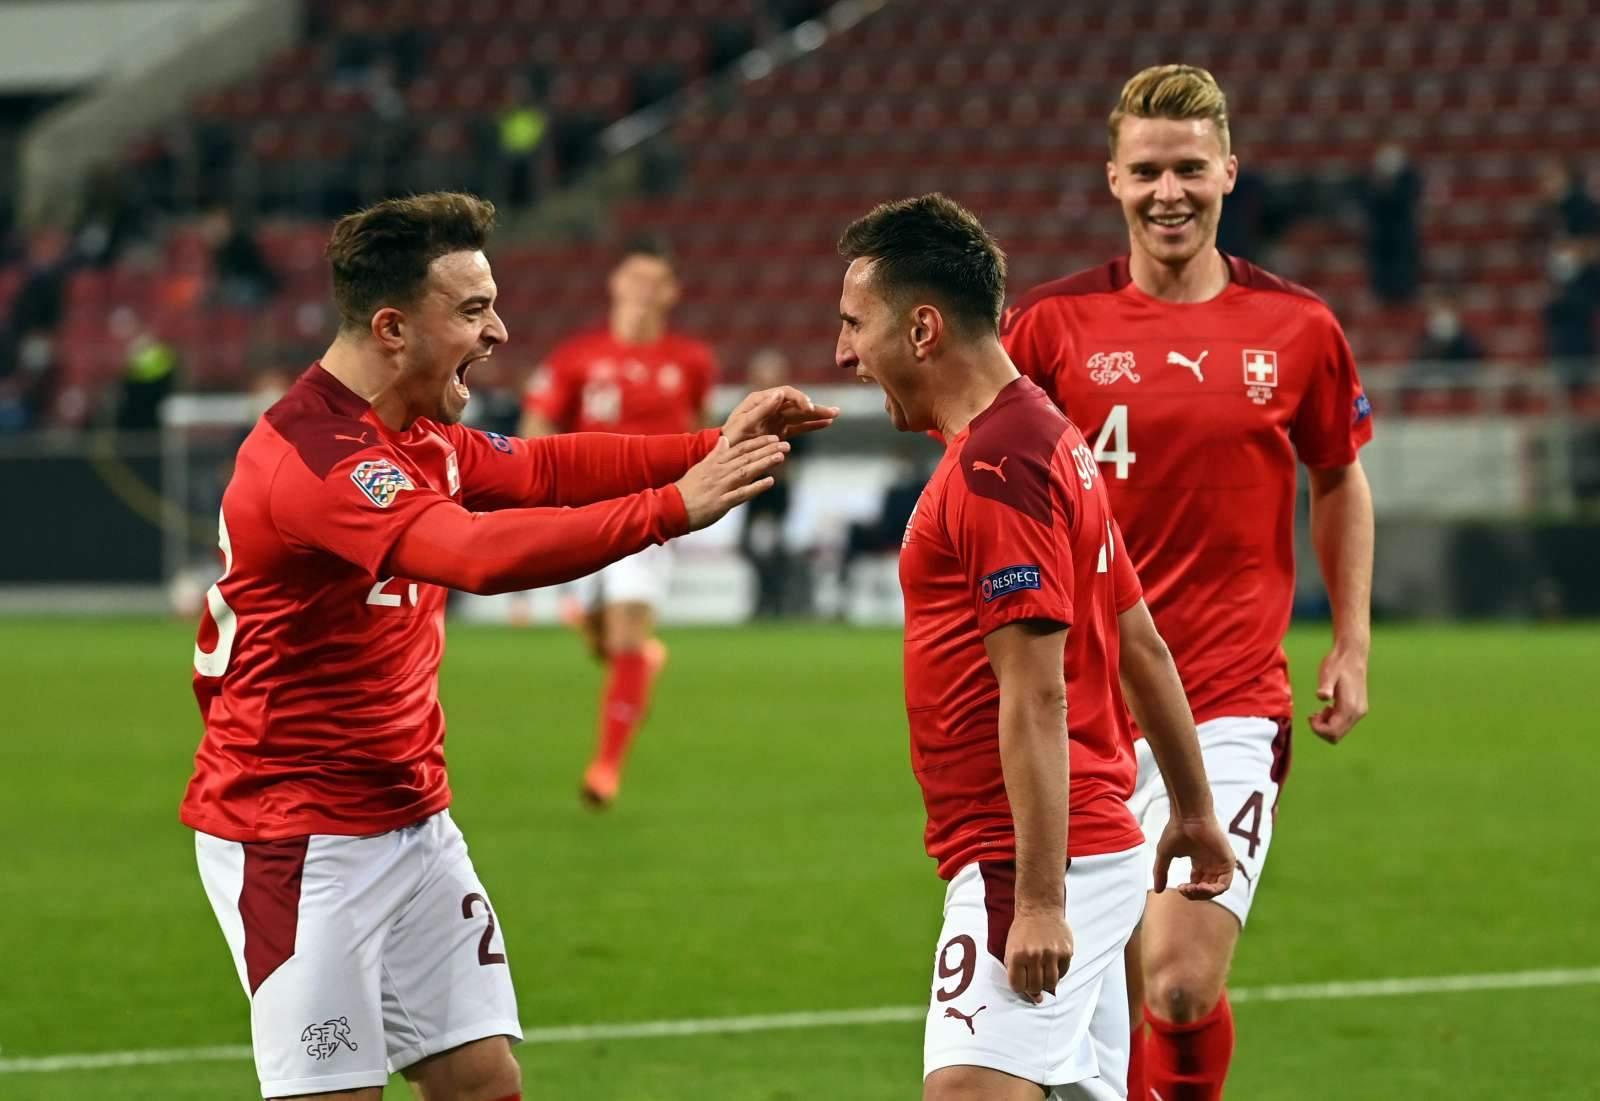 Северная Ирландия – Швейцария: прогноз на матч отборочного цикла чемпионата мира-2022 - 8 сентября 2021